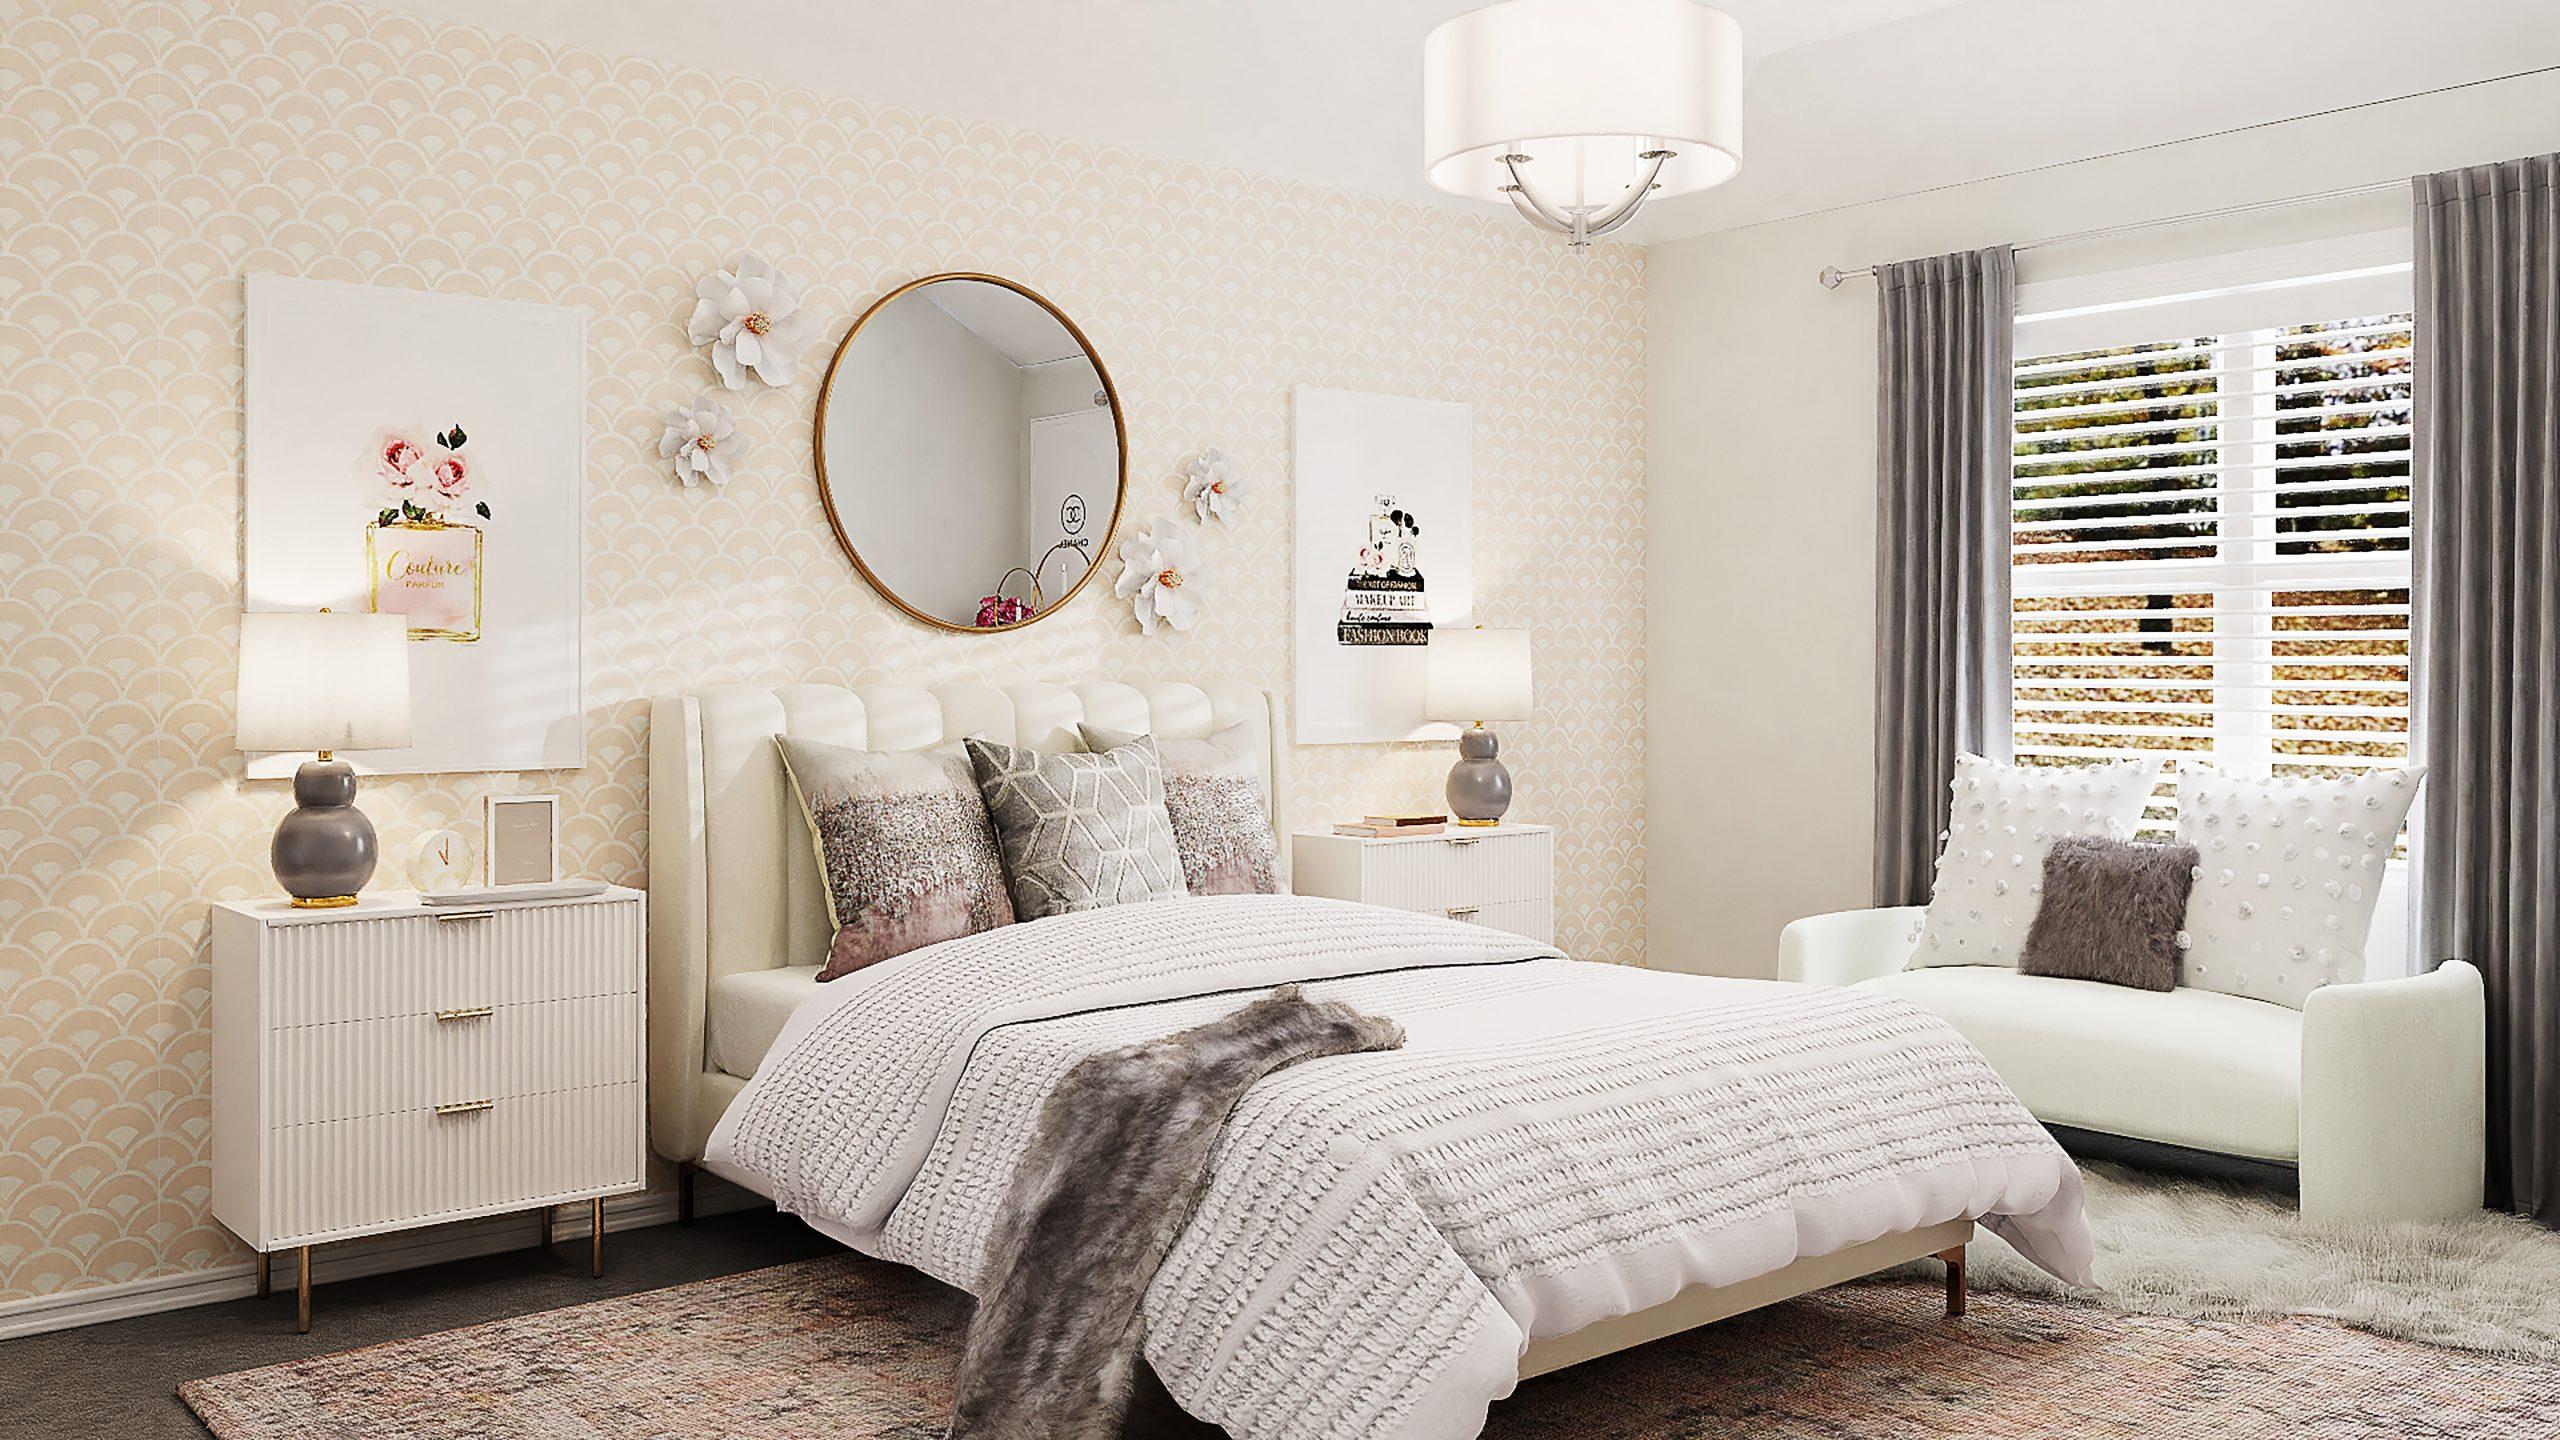 Na foto um quarto feminino com decoração de flores.